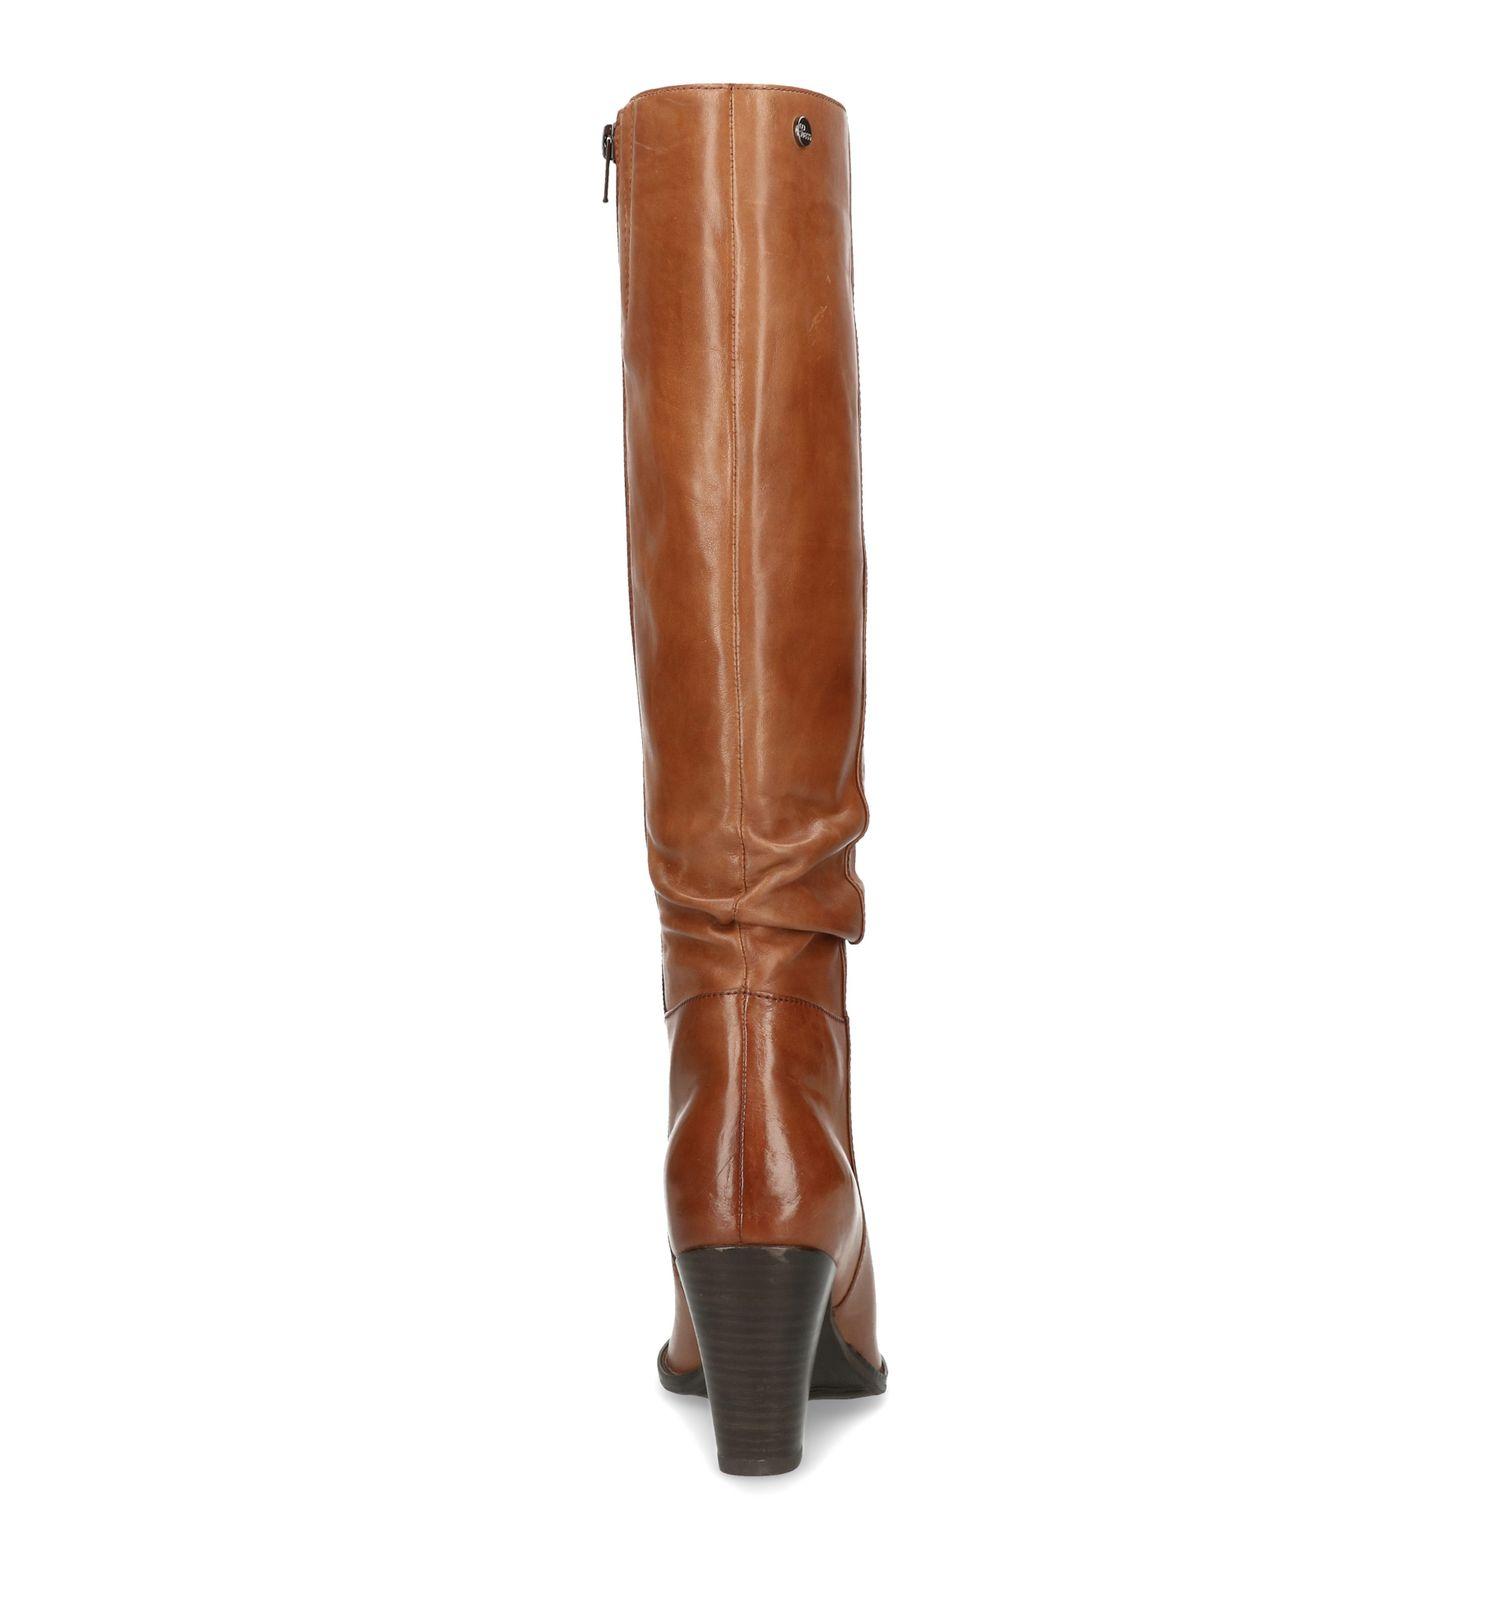 Ongebruikt Cognac hoge laarzen met hak - Dames | MANFIELD XA-26